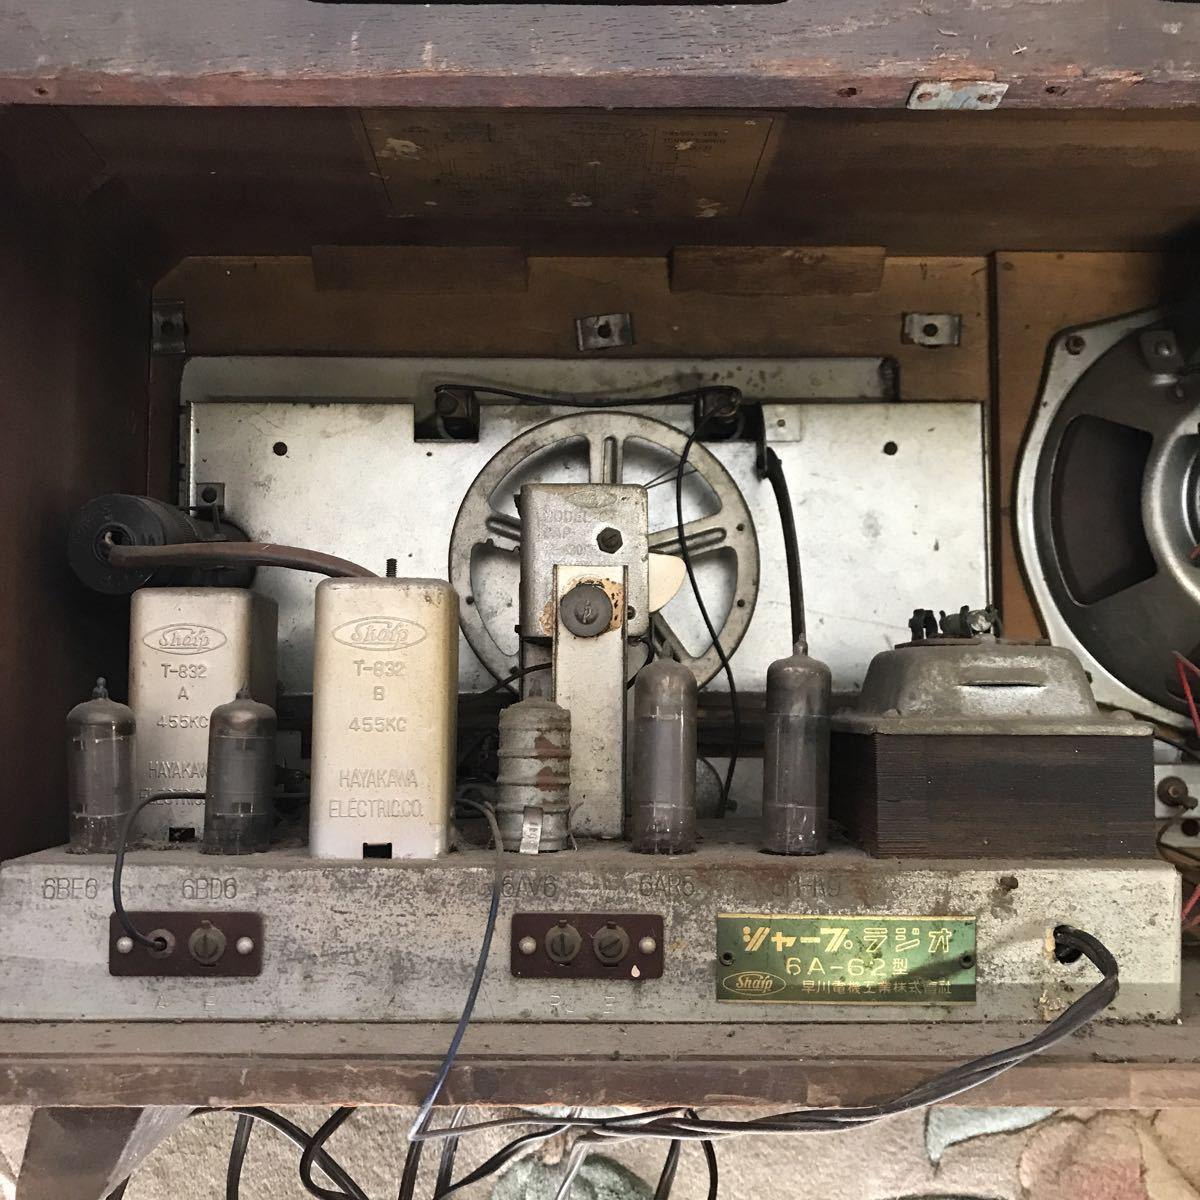 シャープ SHARP 真空管ラジオ ラジオ 6A-62型 昭和レトロ インテリア ジャンク品_画像5